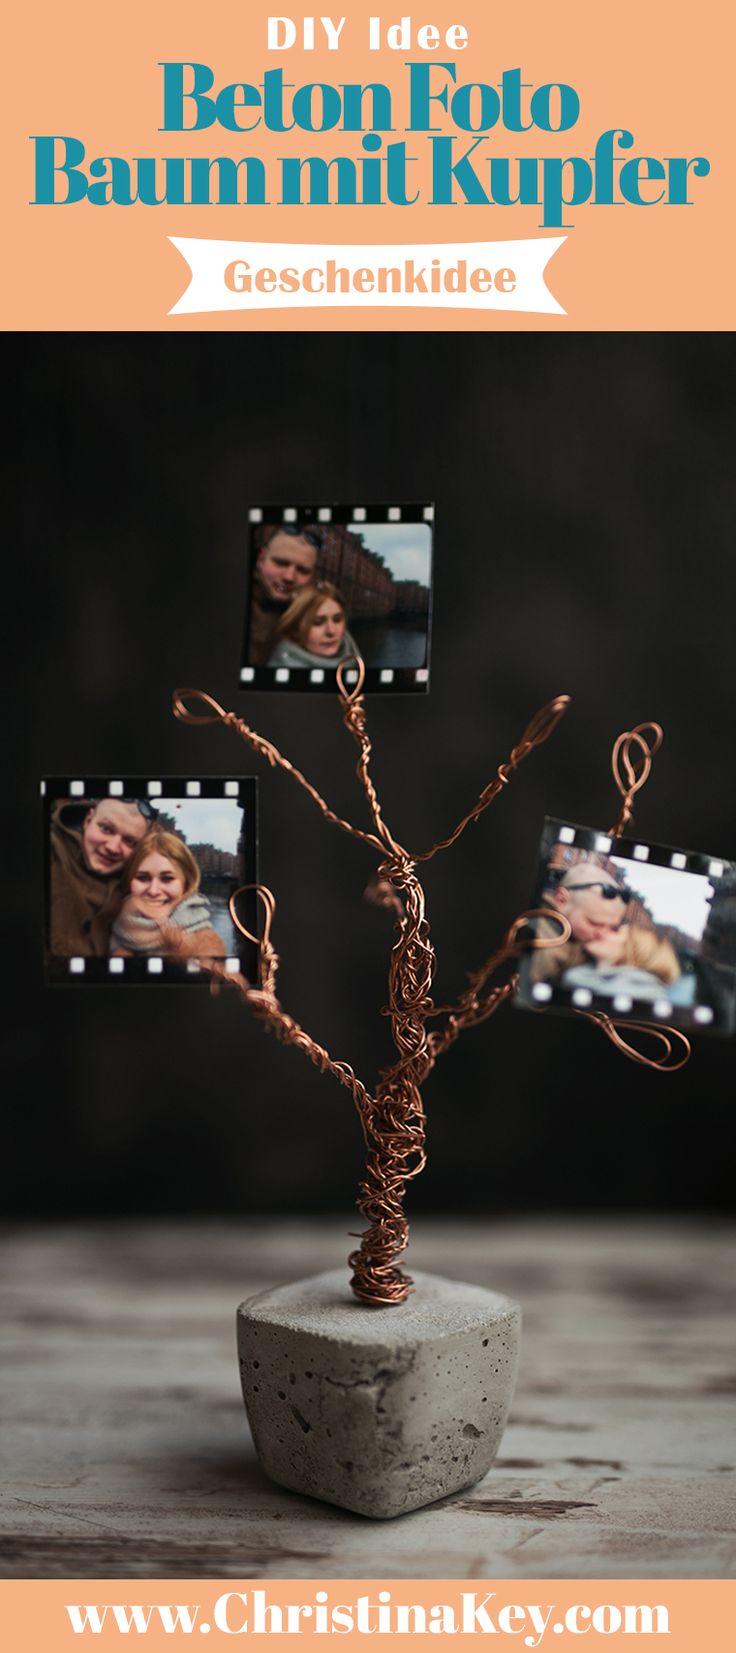 DIY Idee mit Beton - Beton Foto Baum mit Kupfer: Die ideale Geschenkidee! Die besonderes stylische Interior Beton Idee! Jetzt entdecken auf CHRISTINA KEY - dem Fotografie, Blogger Tipps, Rezepte, Mode und DIY Blog aus Berlin, Deutschland